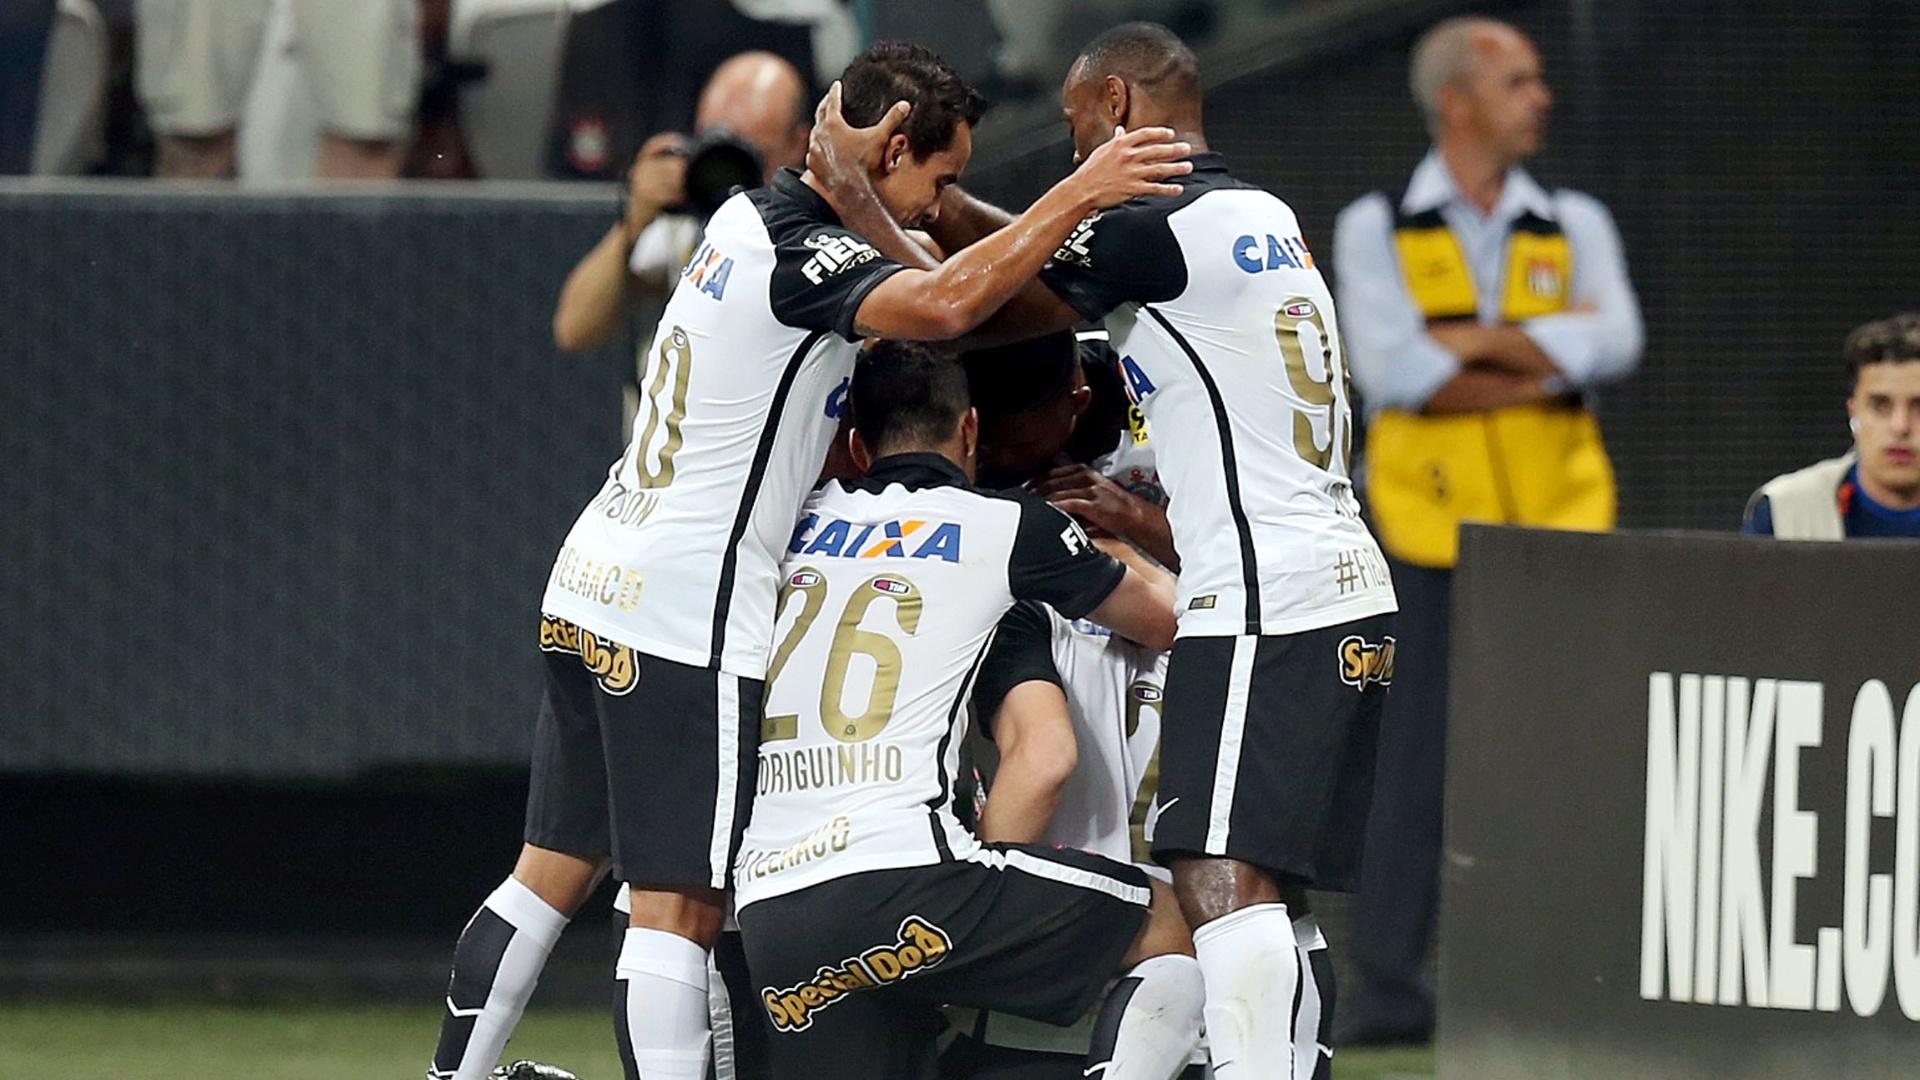 Jogadores do Corinthians comemoram gol sobre o Goiás em partida válida pela 30ª do Campeonato Brasileiro